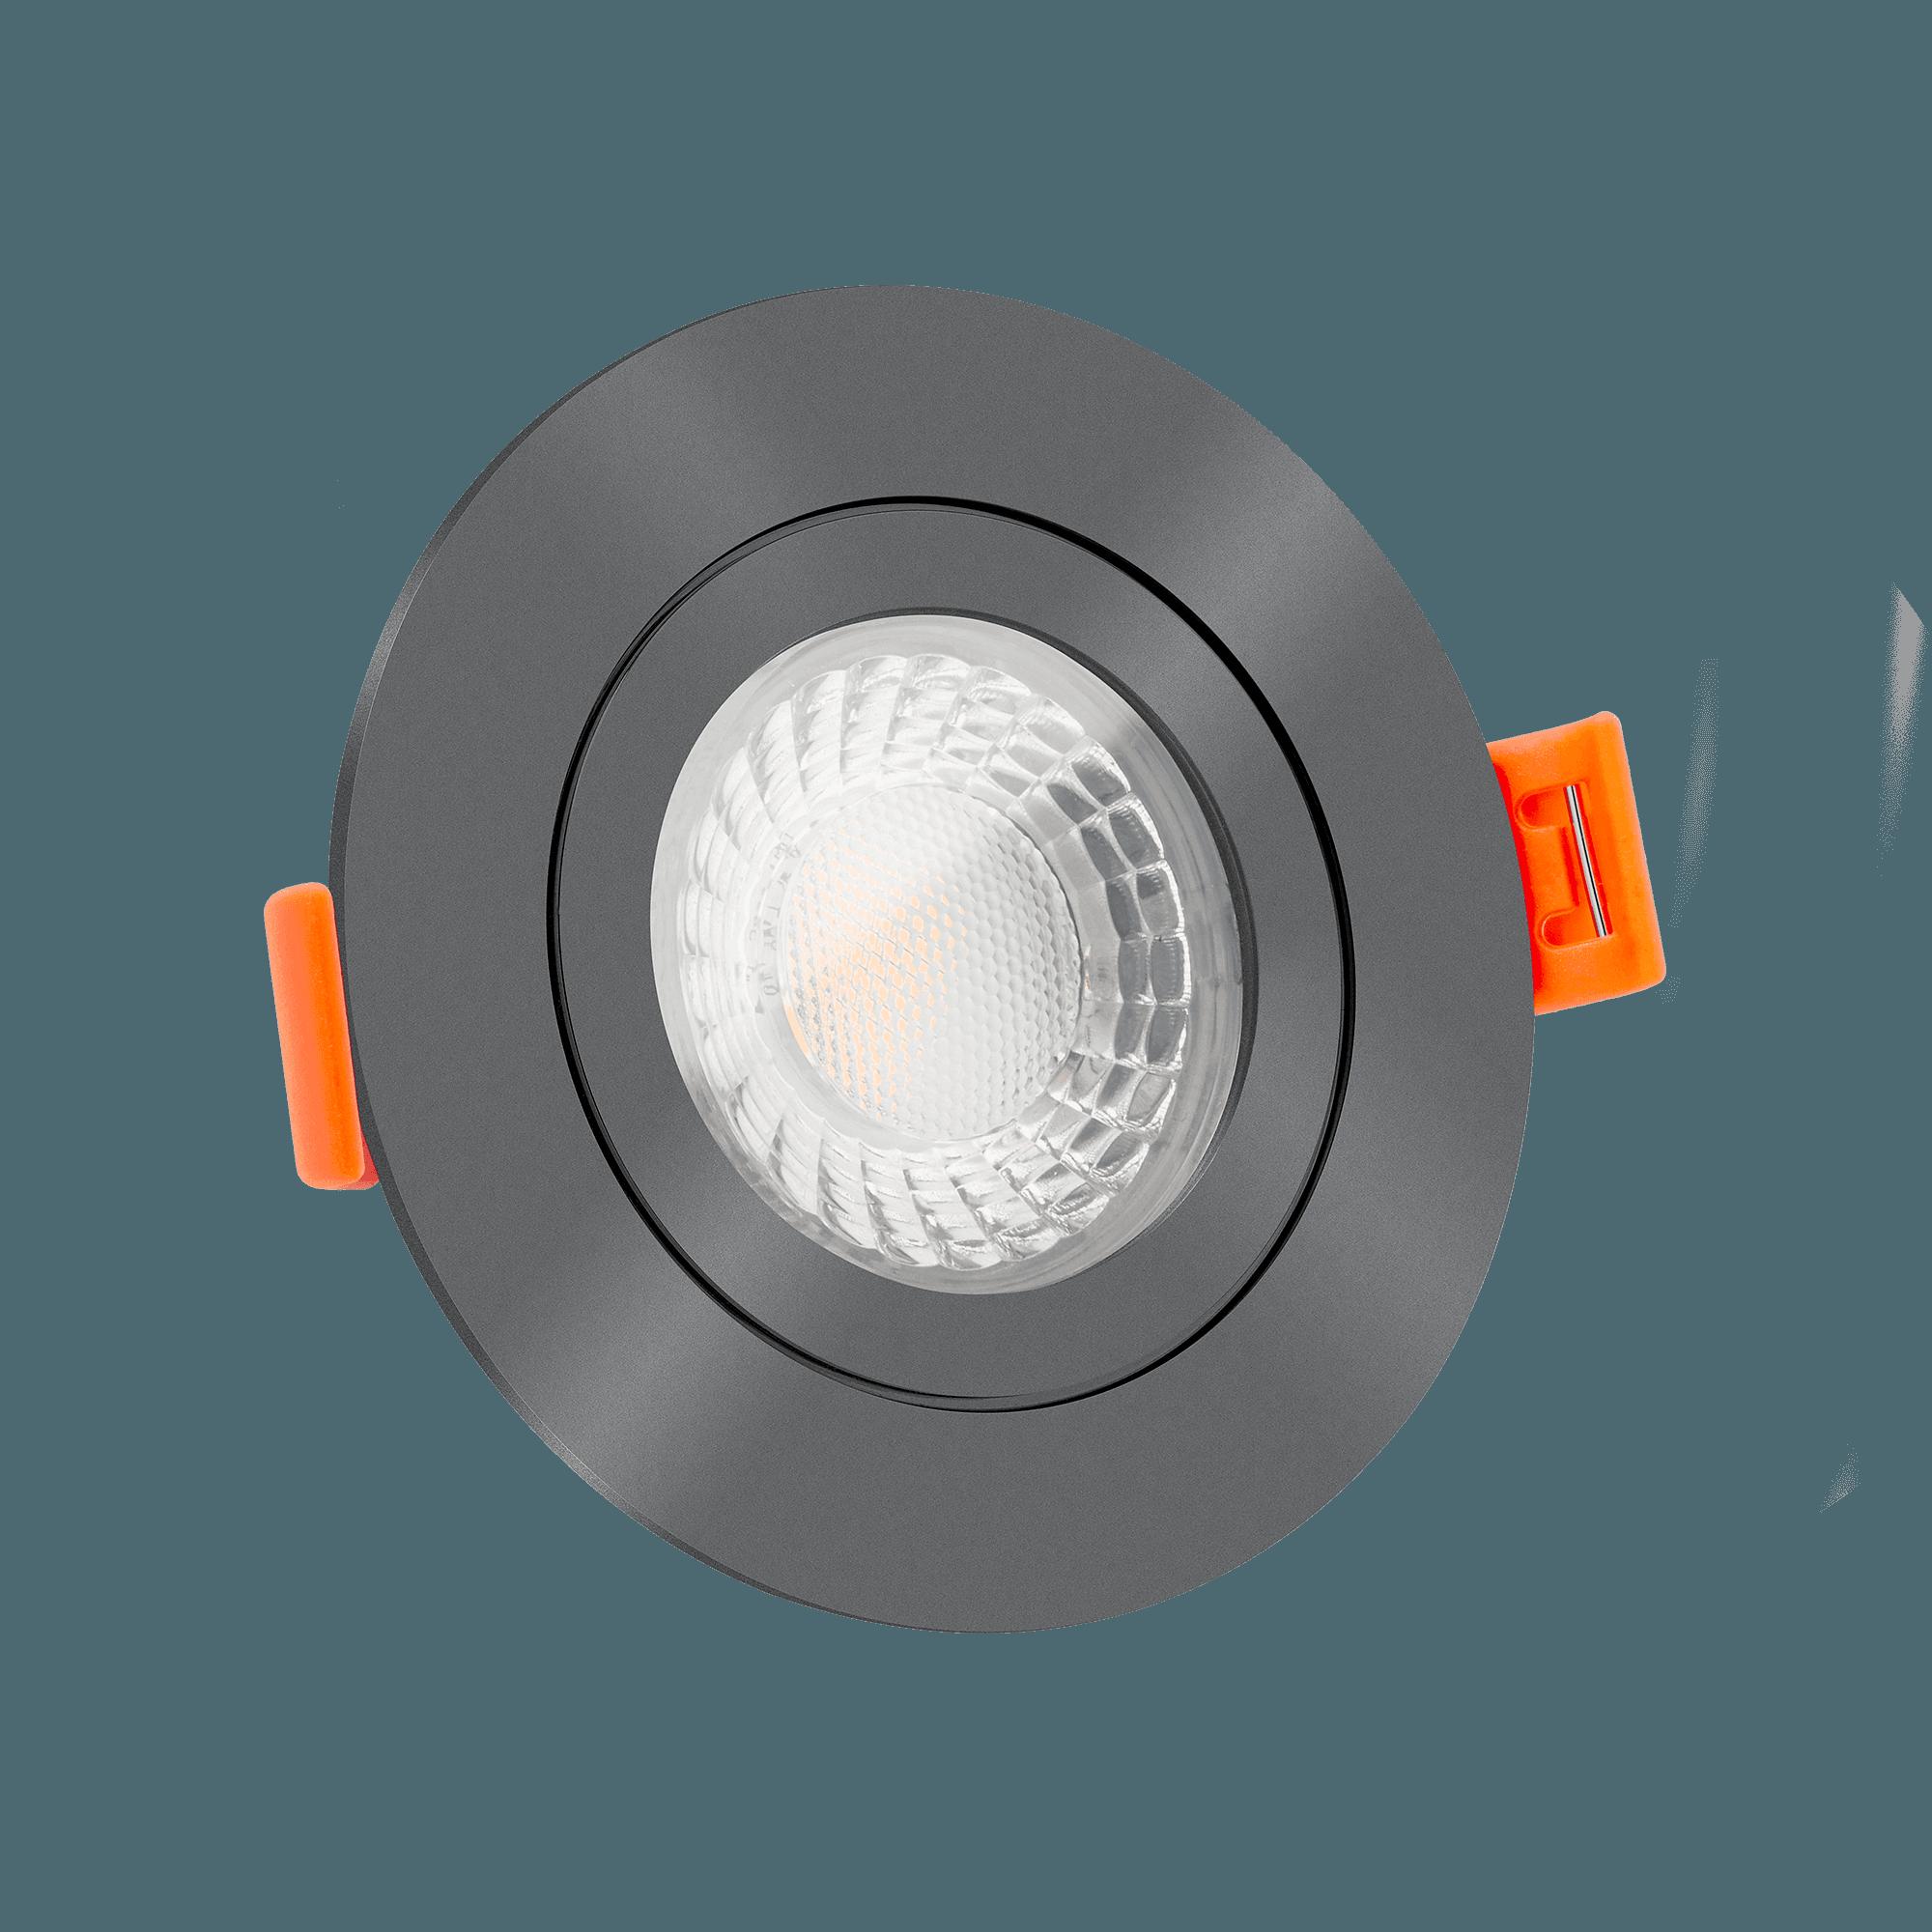 Bad LED Einbauleuchte 200V ohne Trafo   200mm flach & IP200   dimm20warm & 20  CRI   20W 20 20K   20° Reflektor   Aluminium anthrazit rund